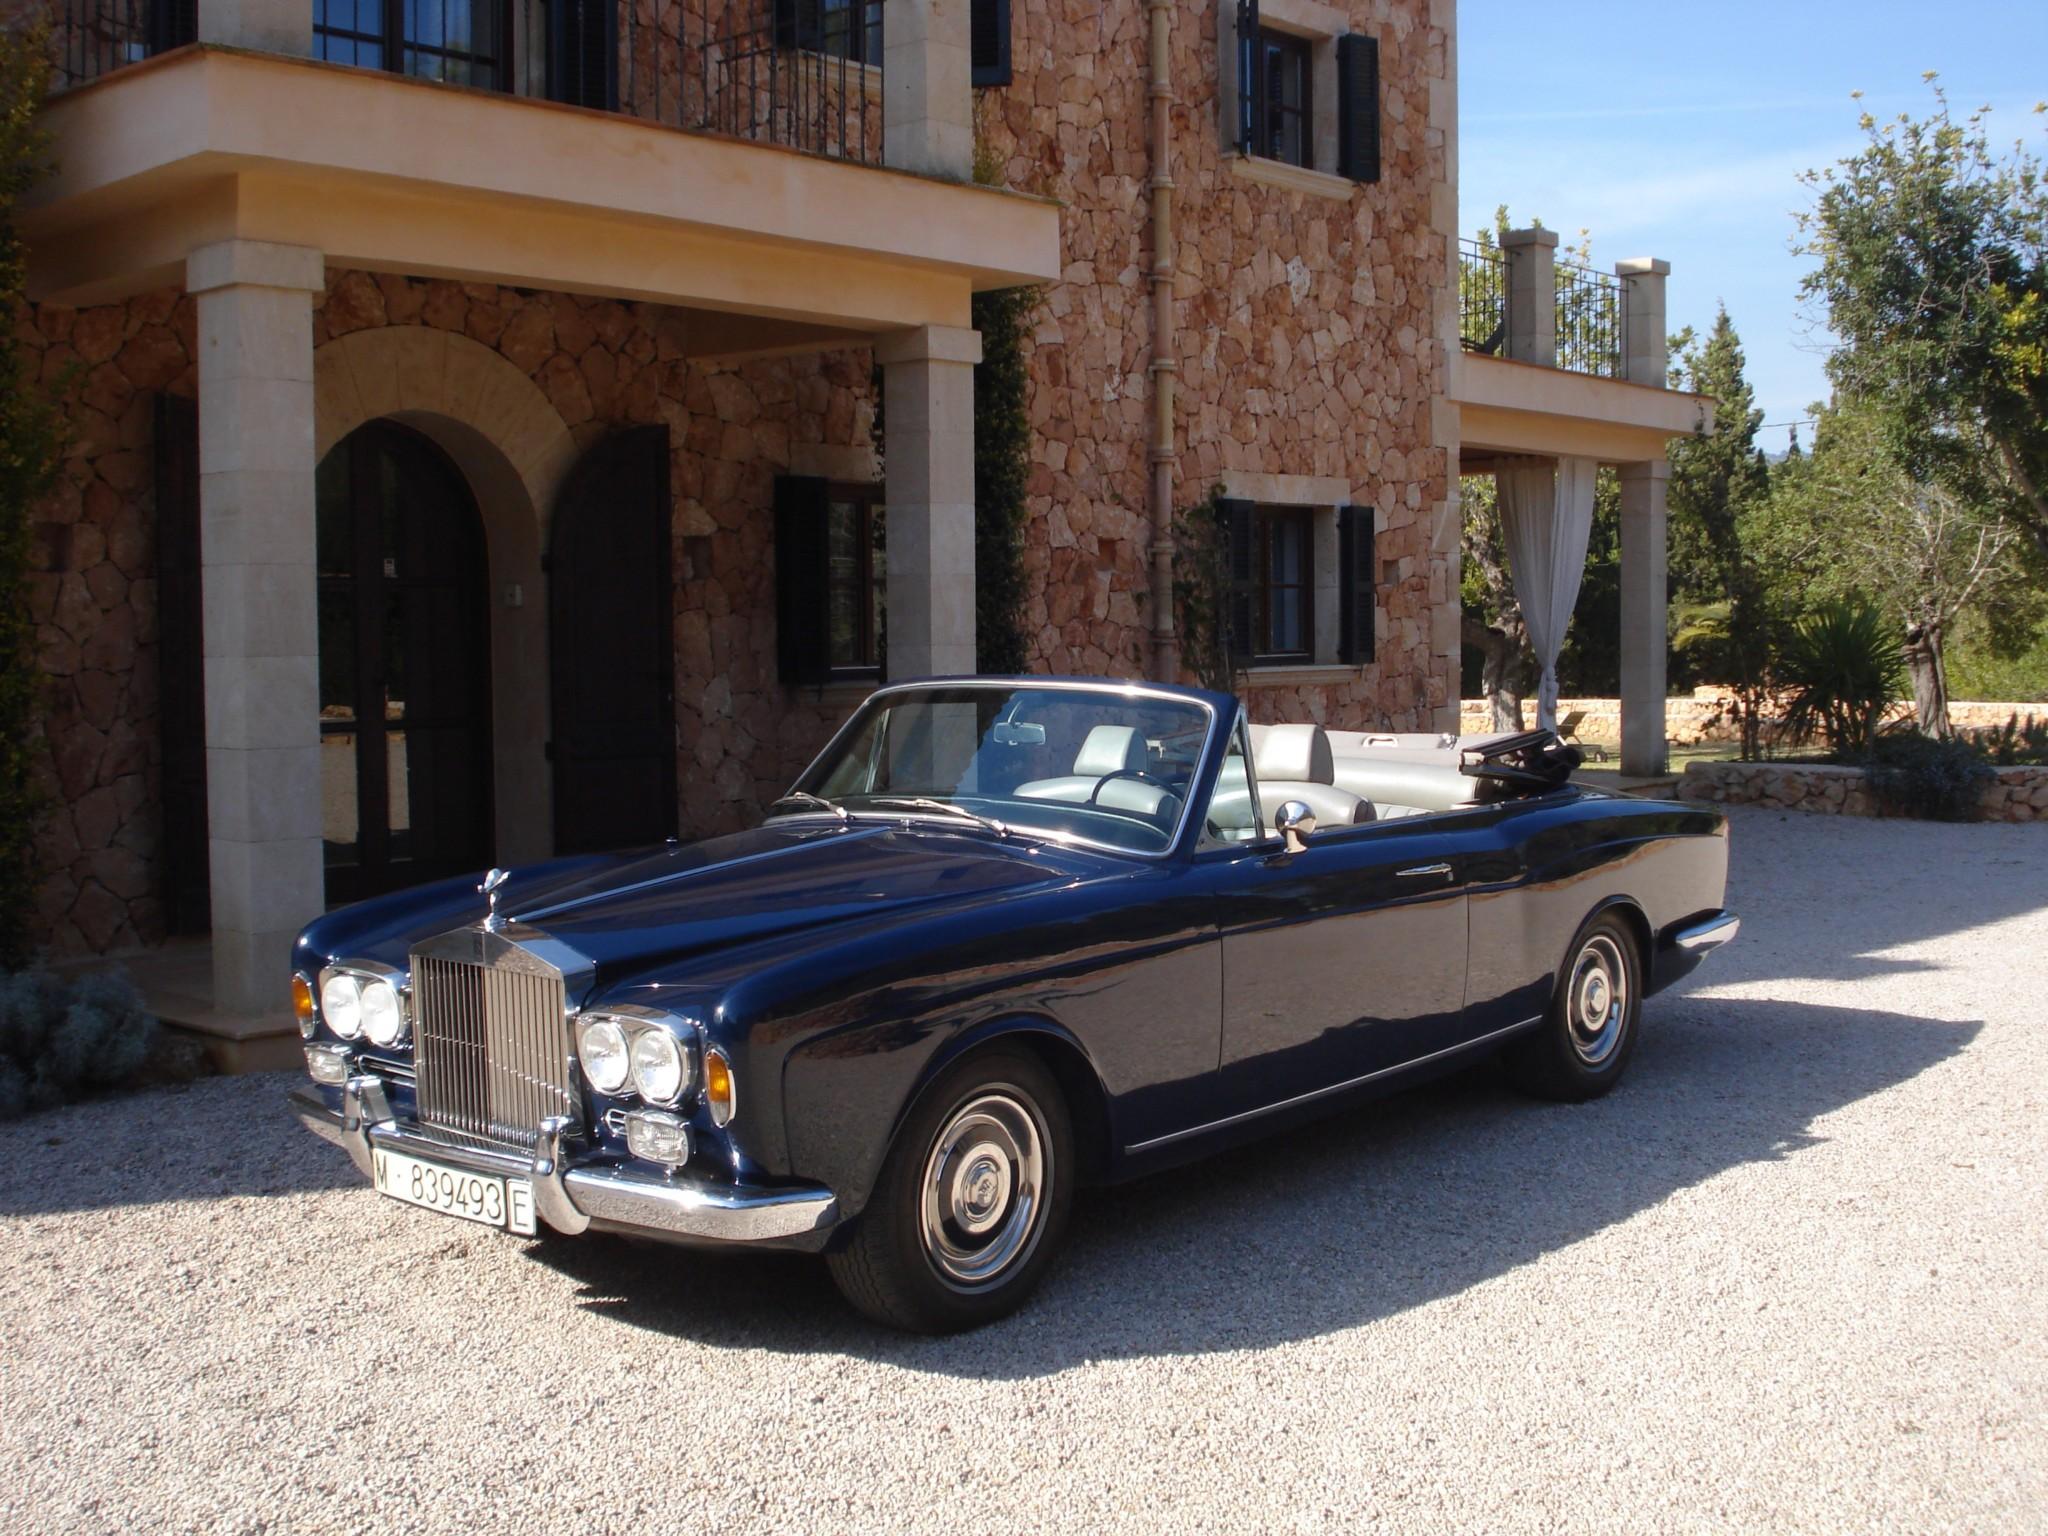 Oldtimer-Mallorca-Oldtimer-mieten-Mallorca-Rolls-Royce-Corniche